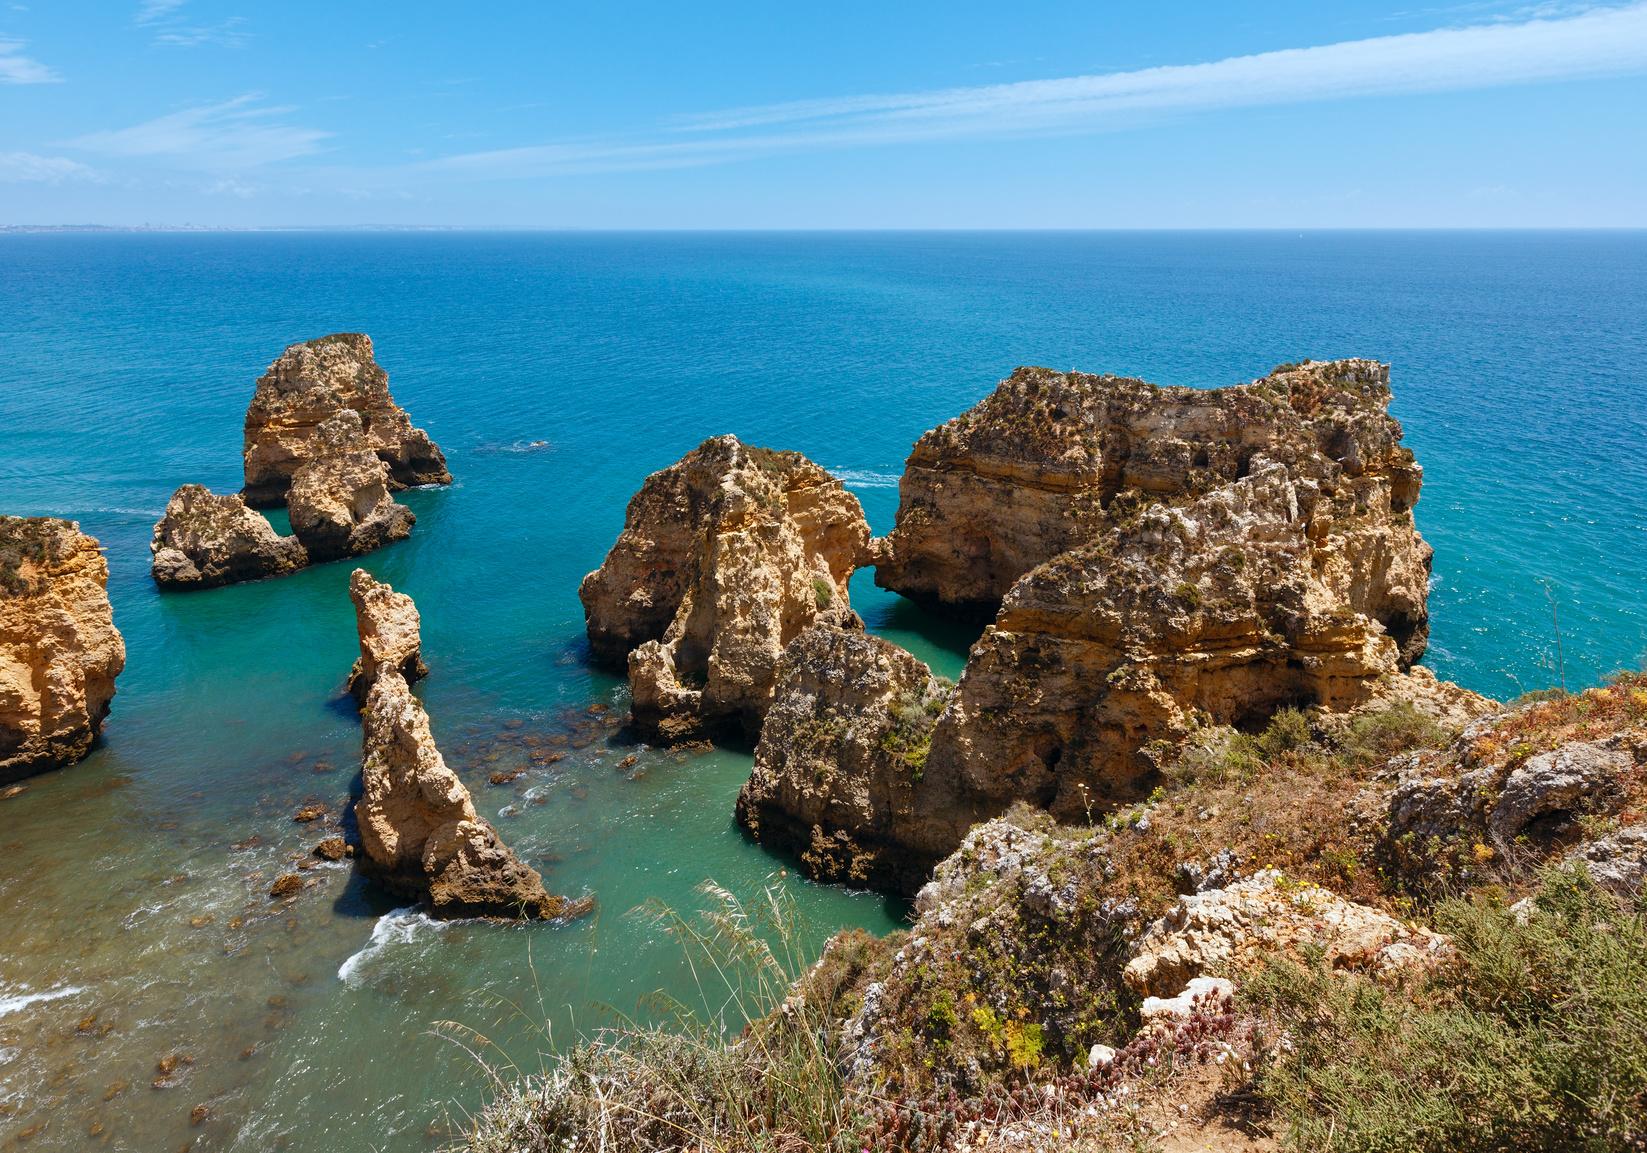 Portugalia - urlop last minute. Sprawdź oferty!